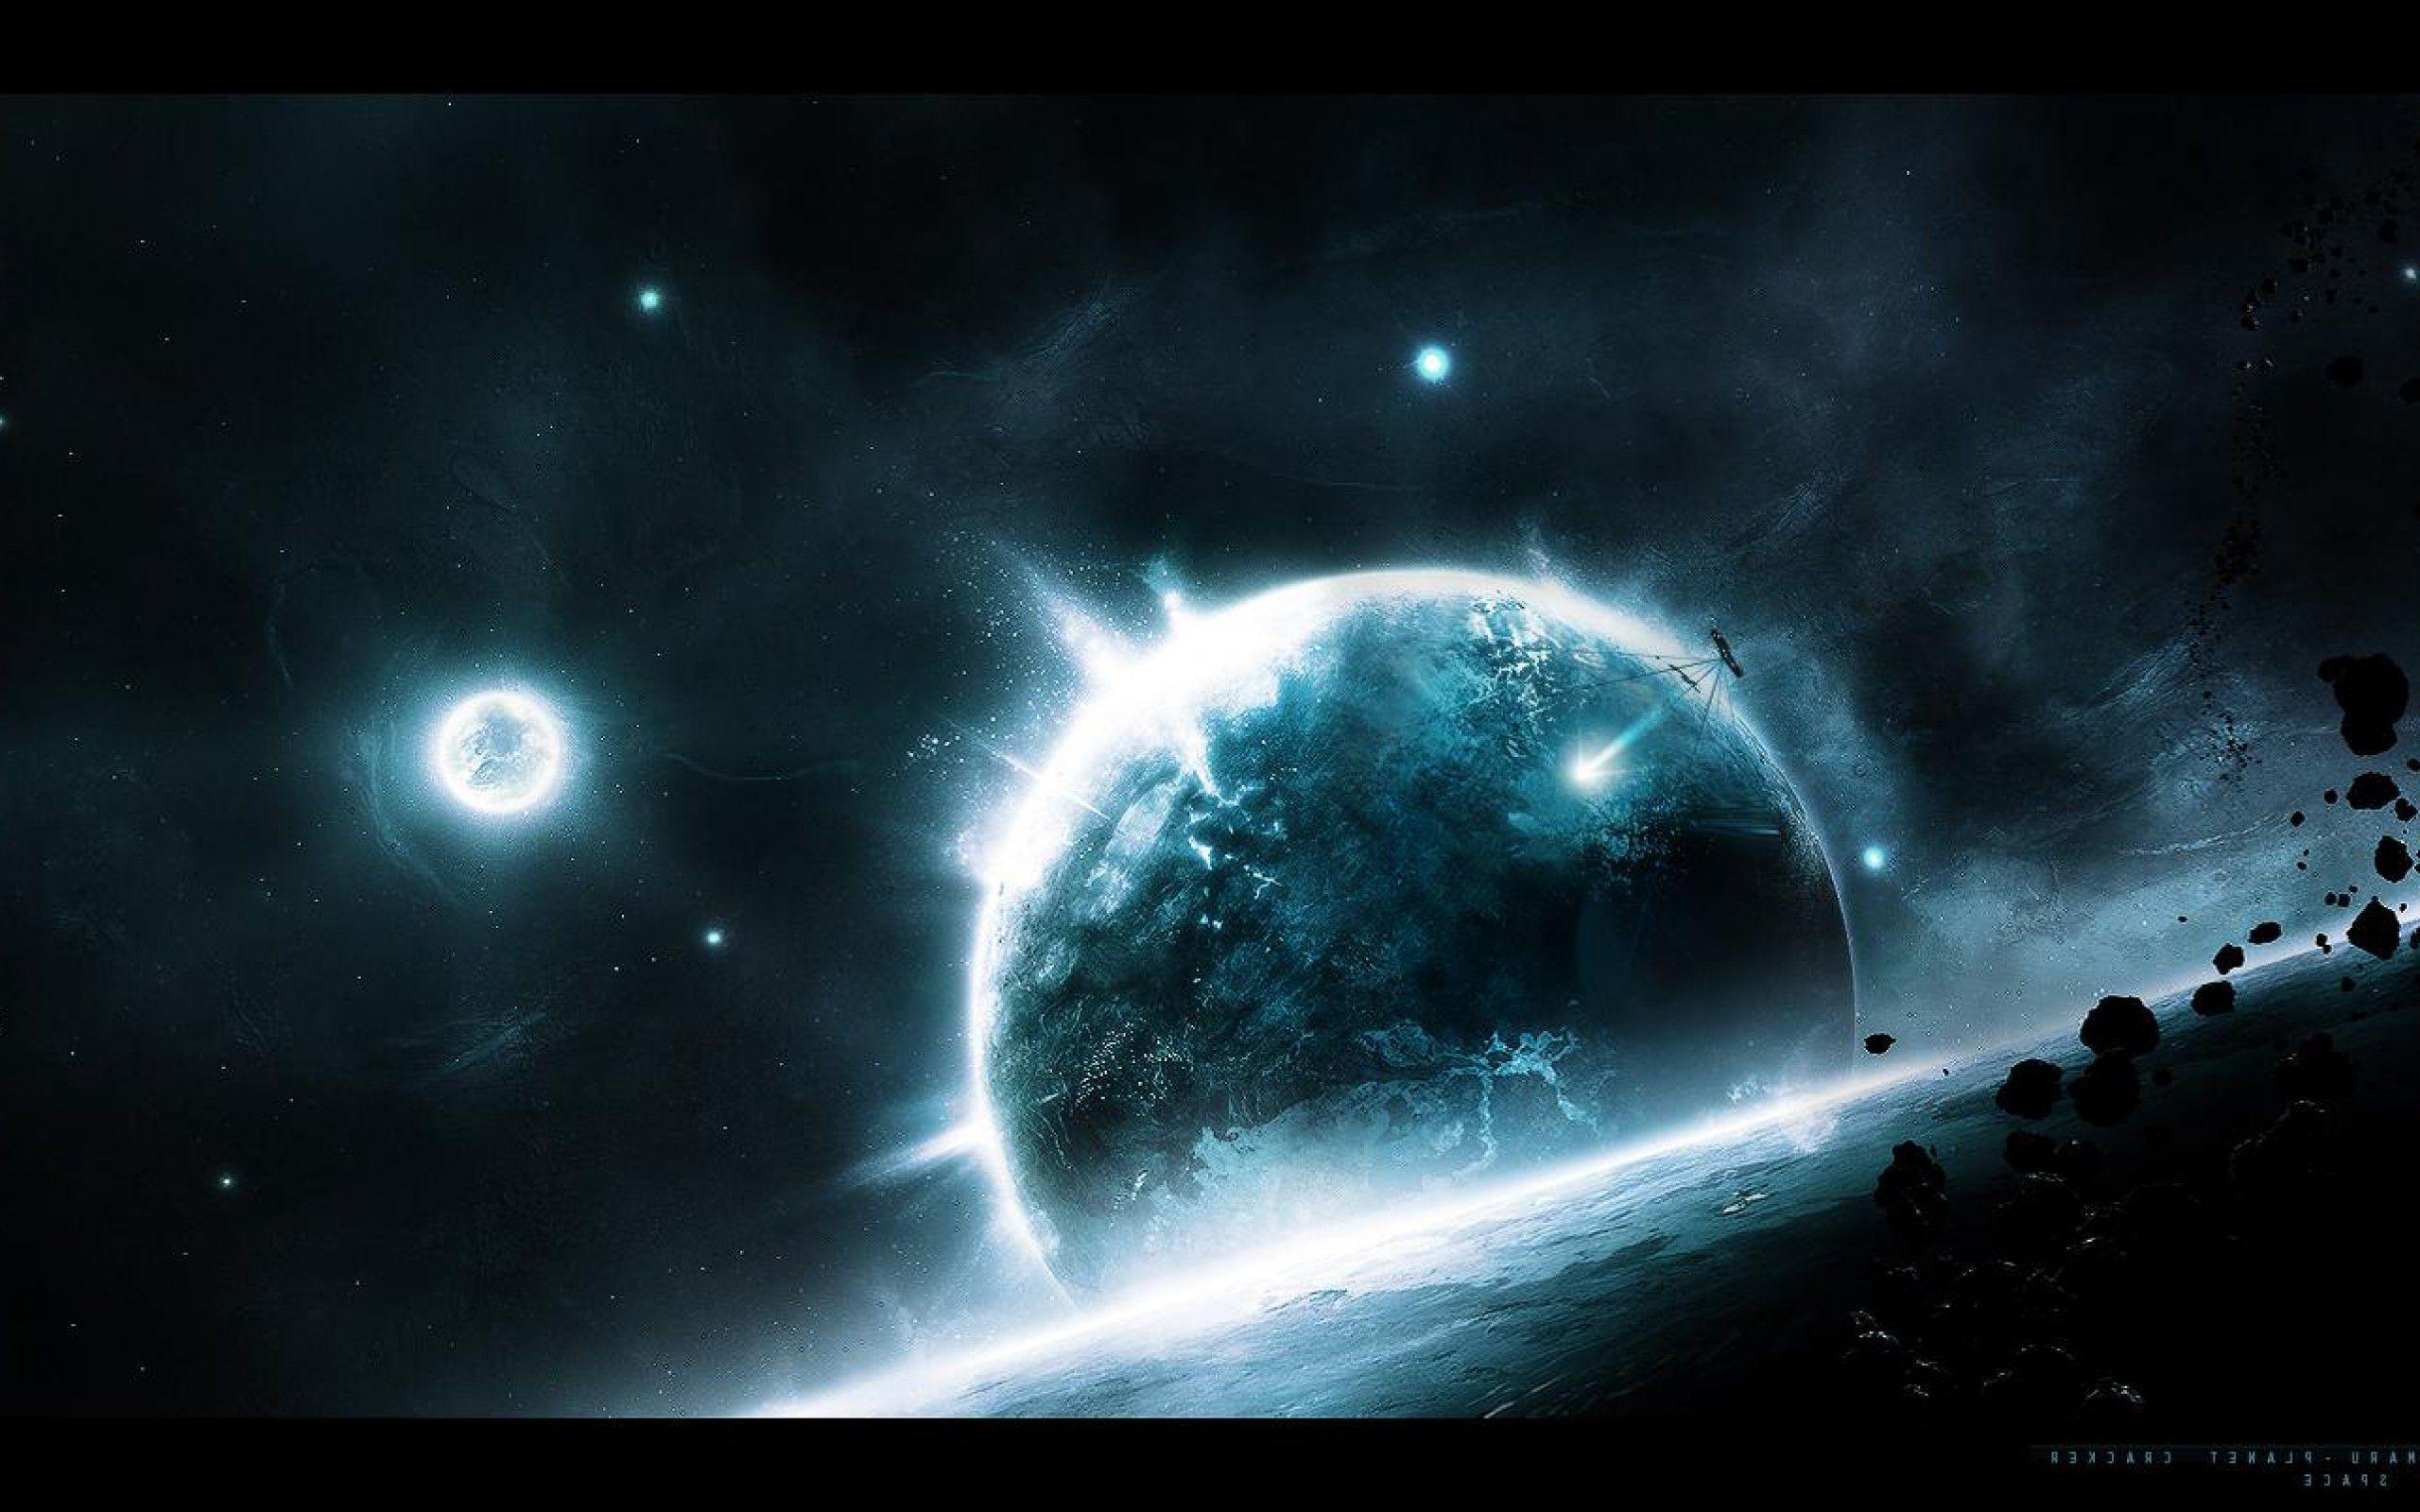 Sci Fi Desktop Backgrounds: HD Sci-Fi Wallpapers